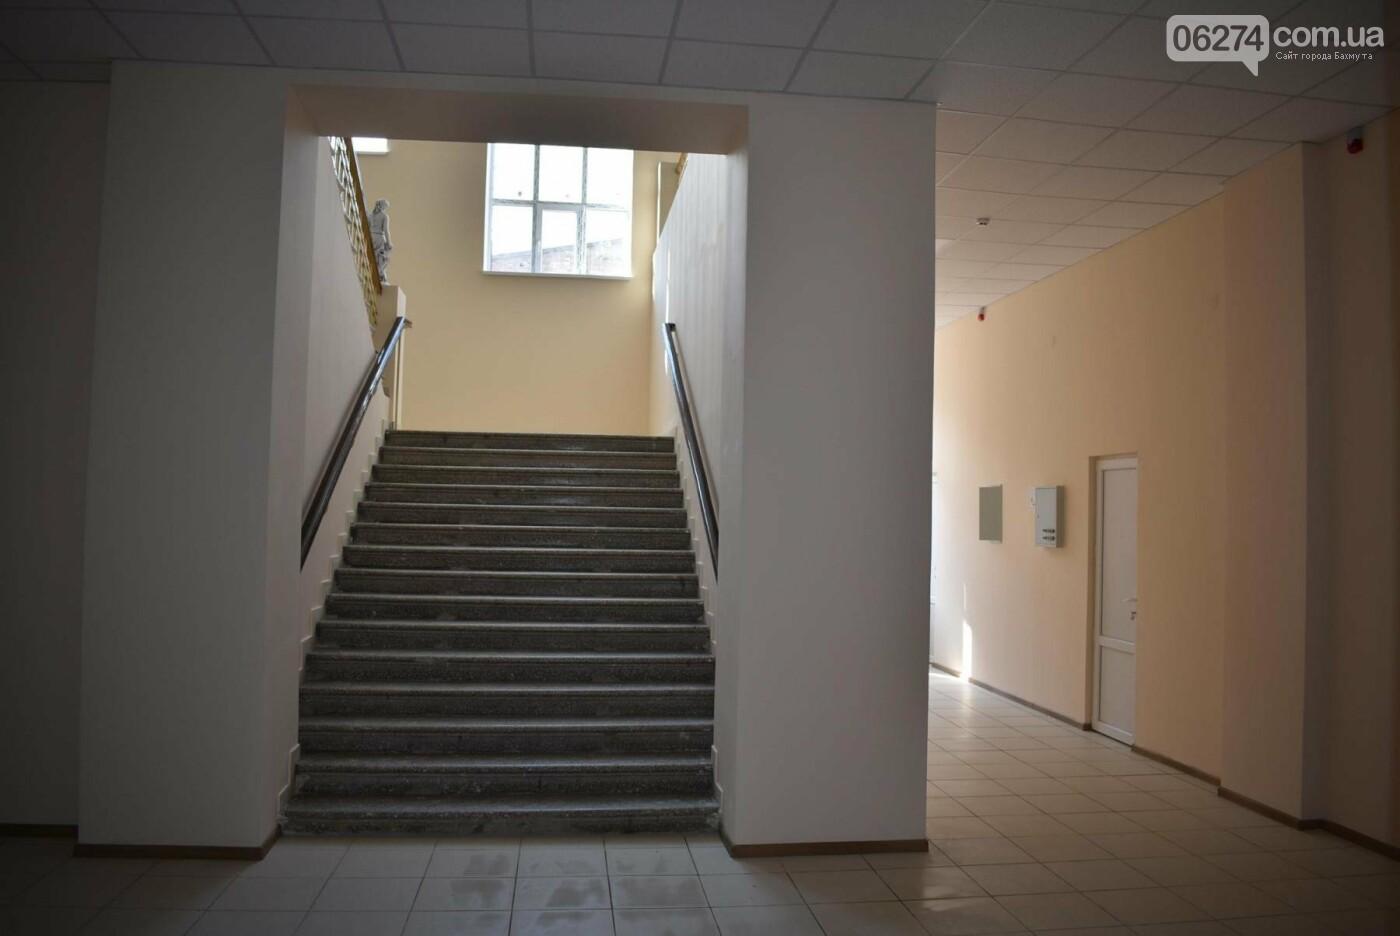 В Бахмуте продолжается реконструкция корпуса колледжа искусств имени Ивана Карабица, фото-7